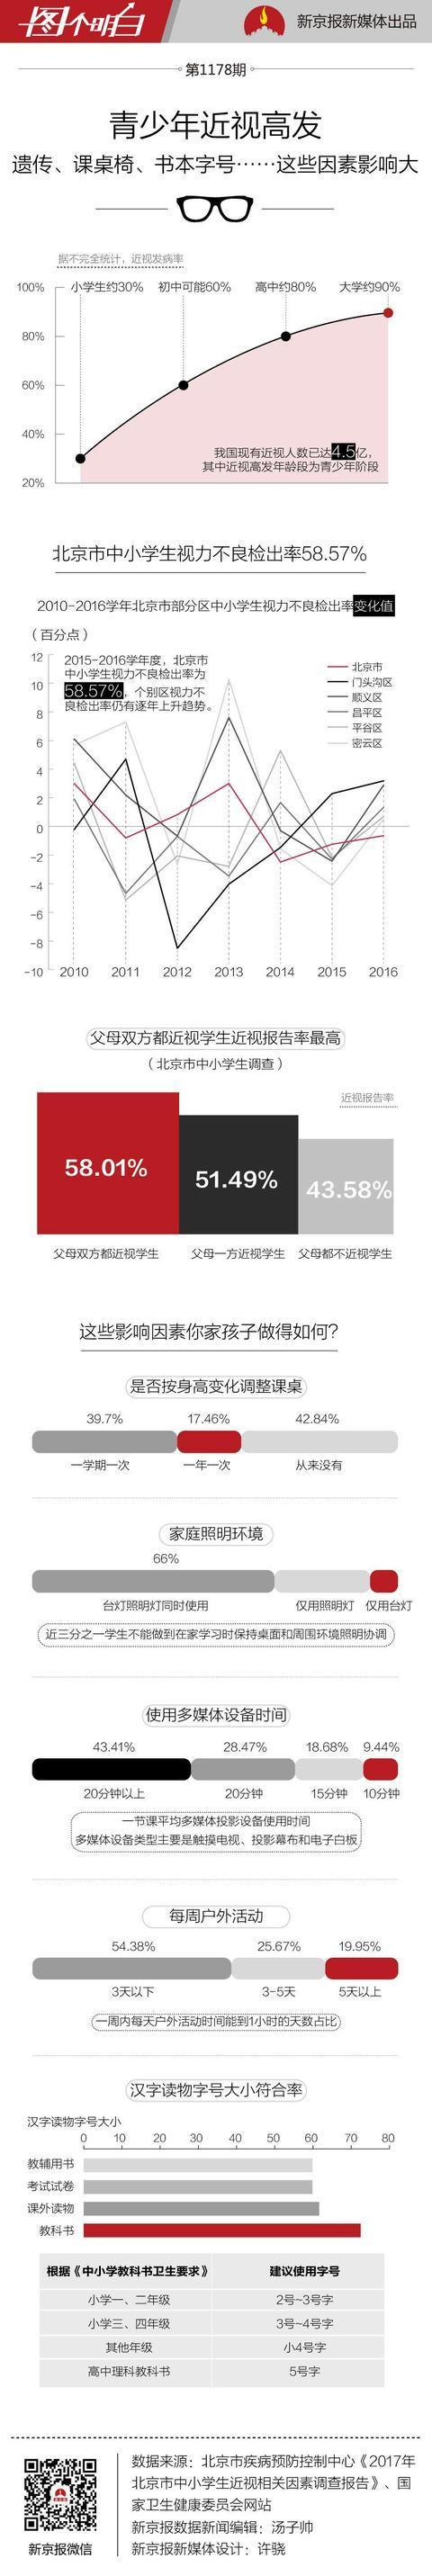 北京过半中小学生视力不良 父母近视增加孩子近视几率